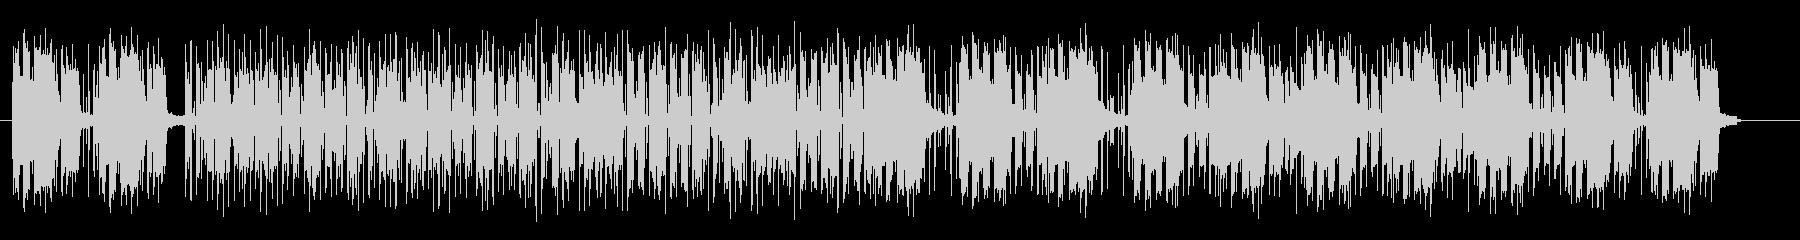 ミュートの入ったベース音が特徴のポップスの未再生の波形